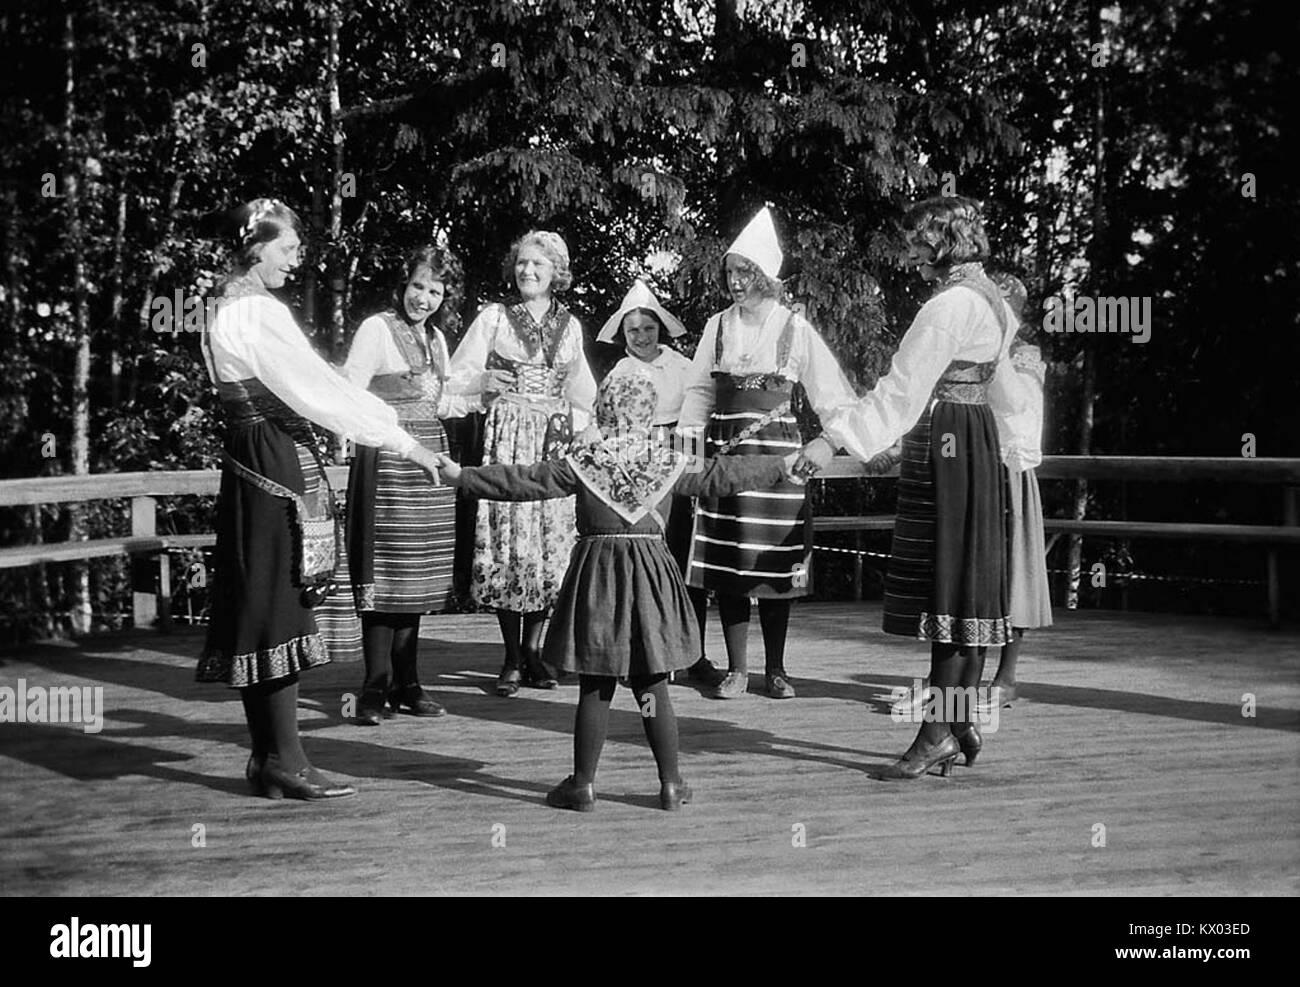 Midsummer dance, Rättvik, Dalarna, Sweden (7751476310) - Stock Image